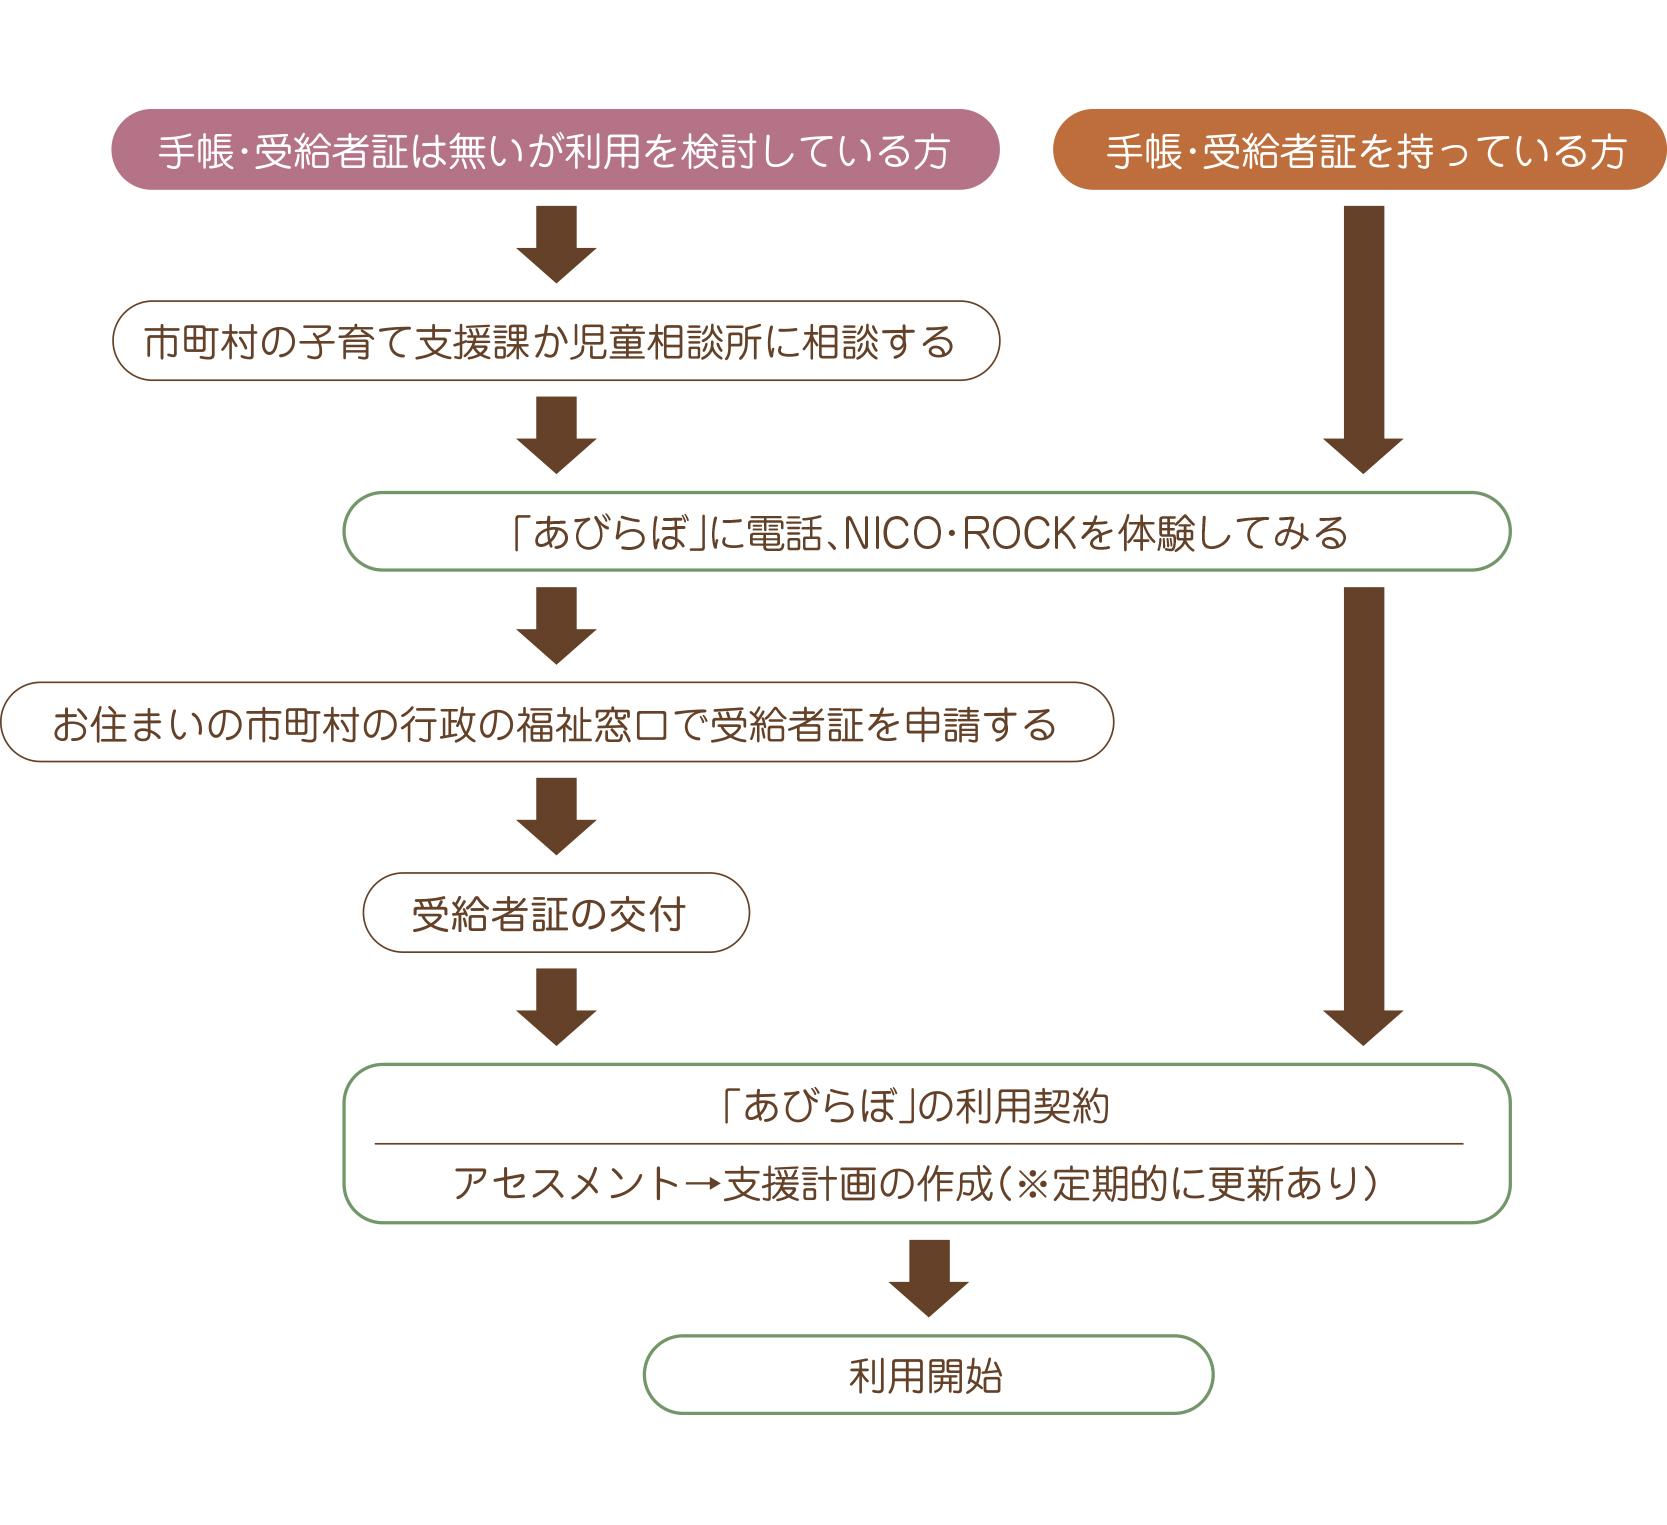 イメージ図/ご利用の流れ